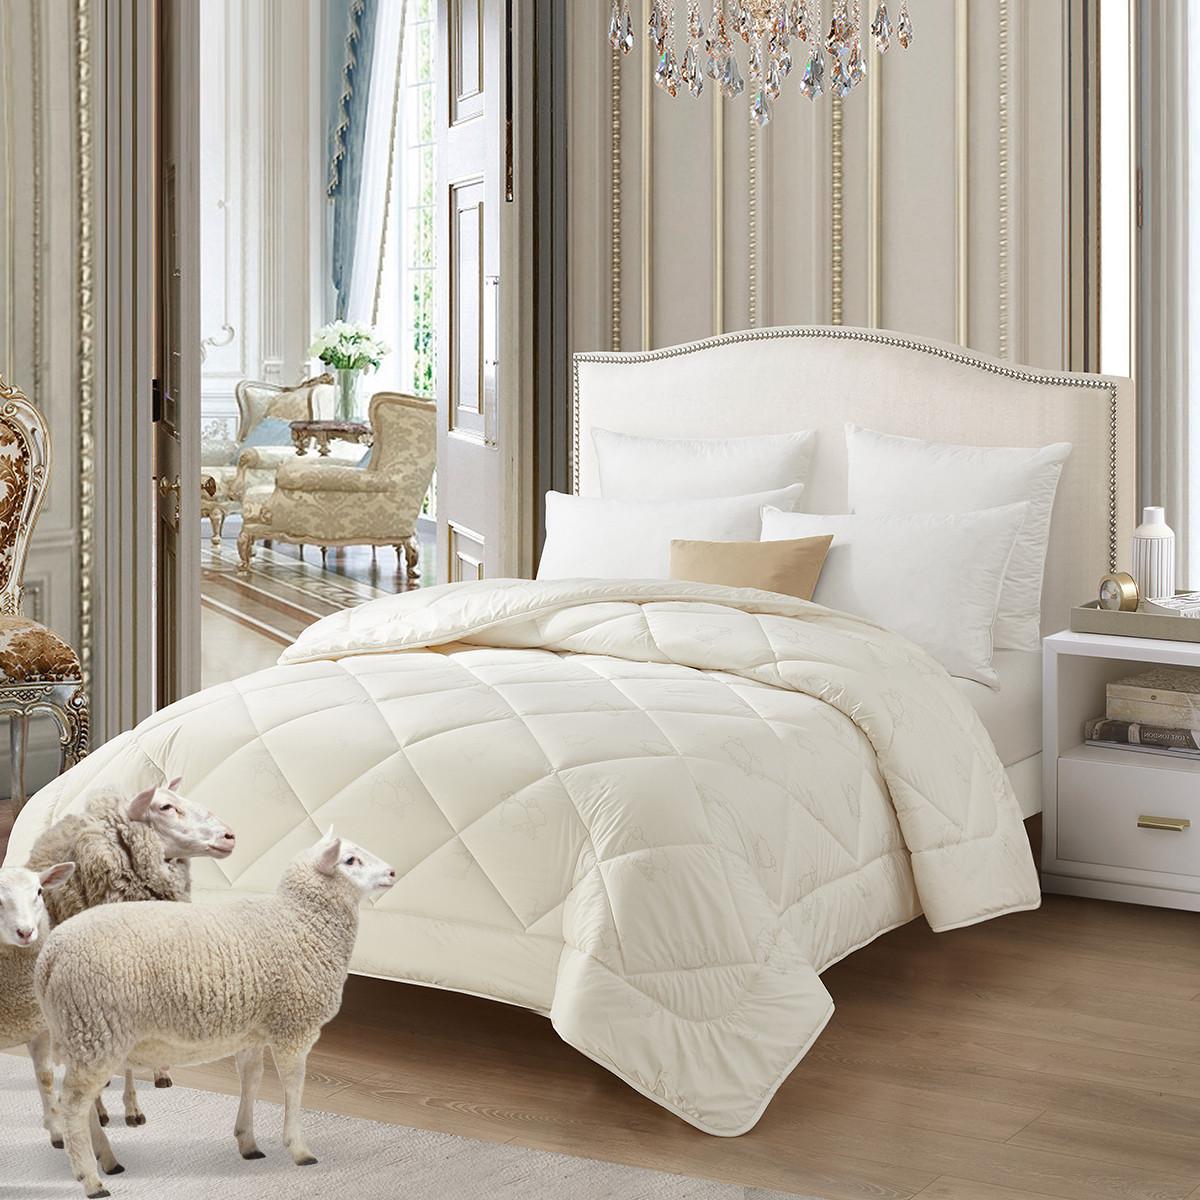 雅兰法国进口羊毛被 保暖加厚冬被蓬松保暖被芯COLOR白色(51%羊毛填充)